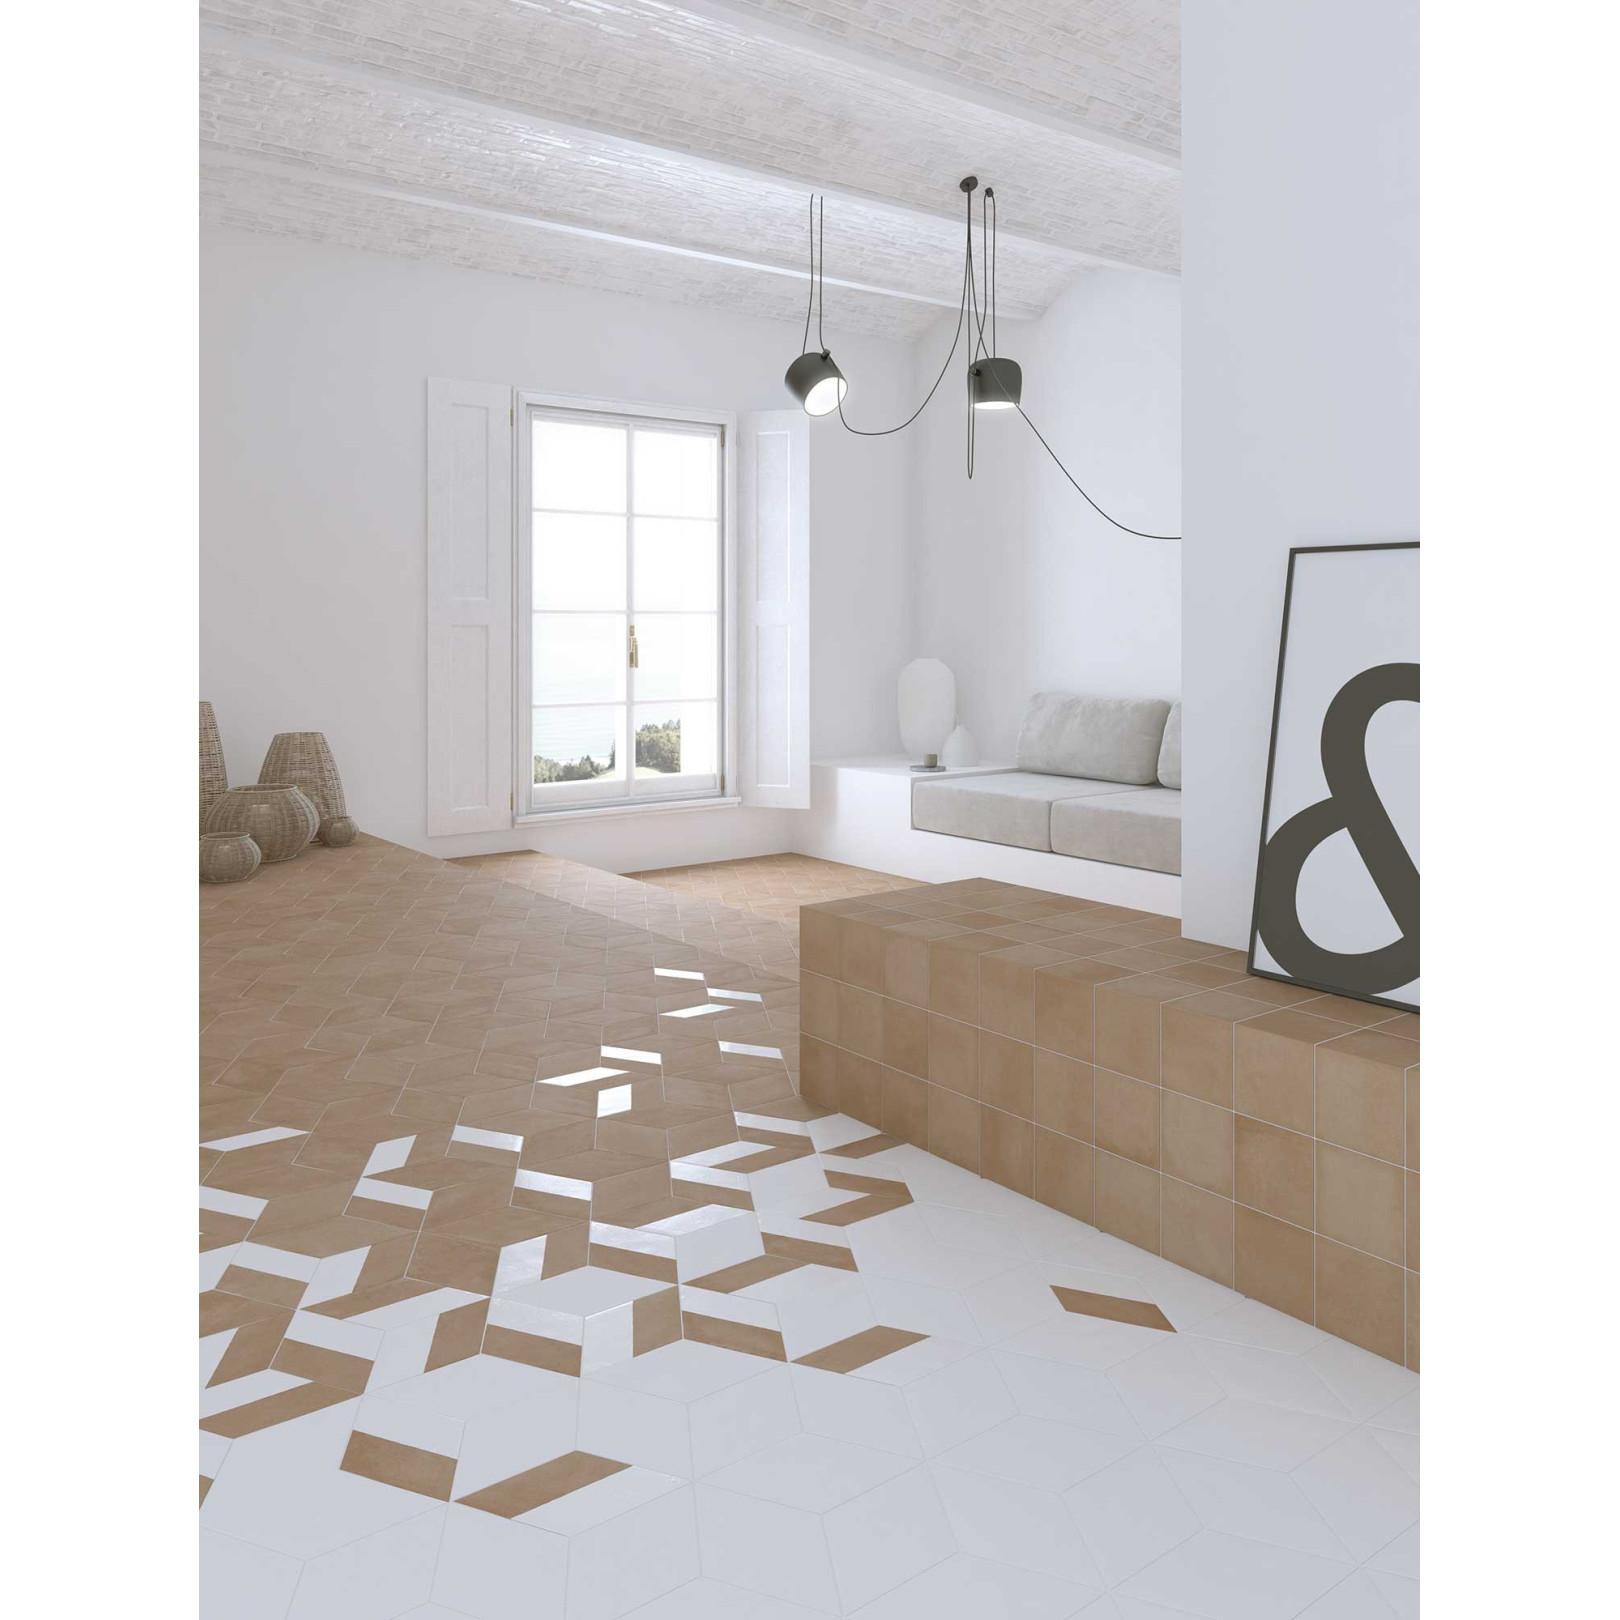 Carrelage grès cérame effet graphique Mud Diamond losange 24x14cm (7 couleurs + 2 décors)